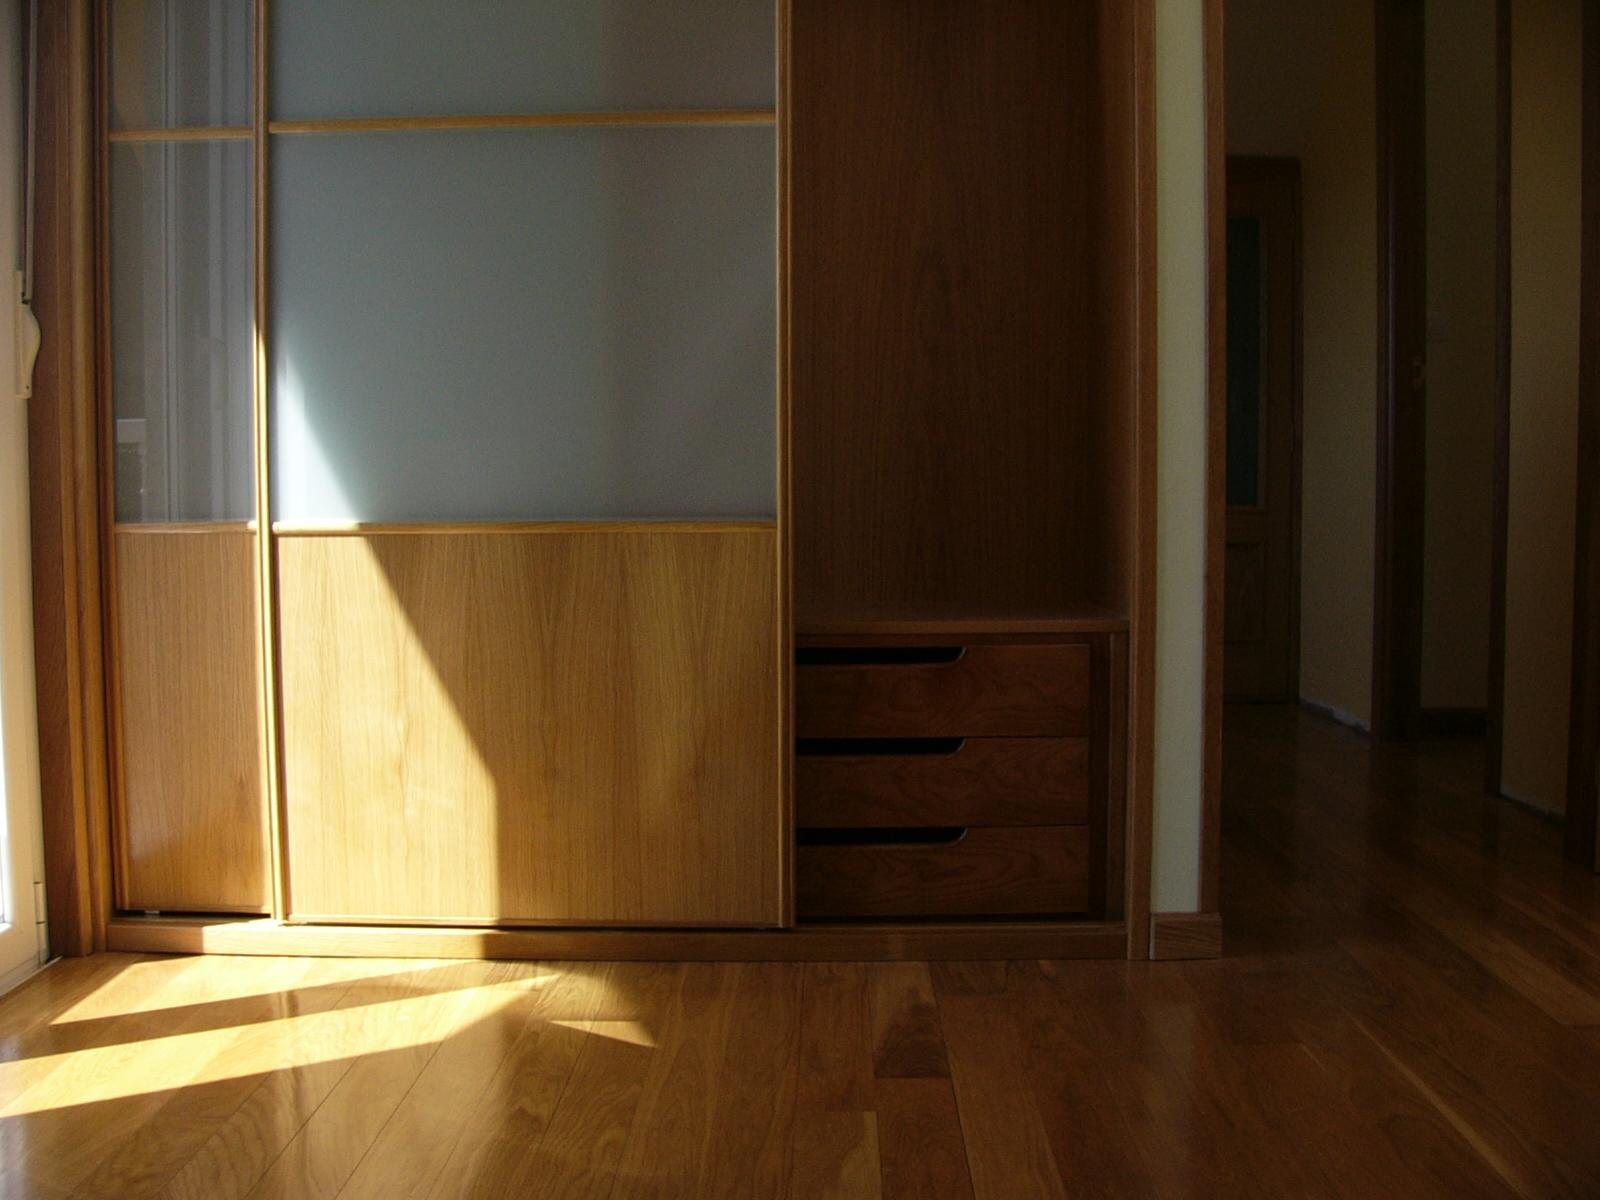 Sfc muebles sostenibles y creativos armarios for Muebles sostenibles